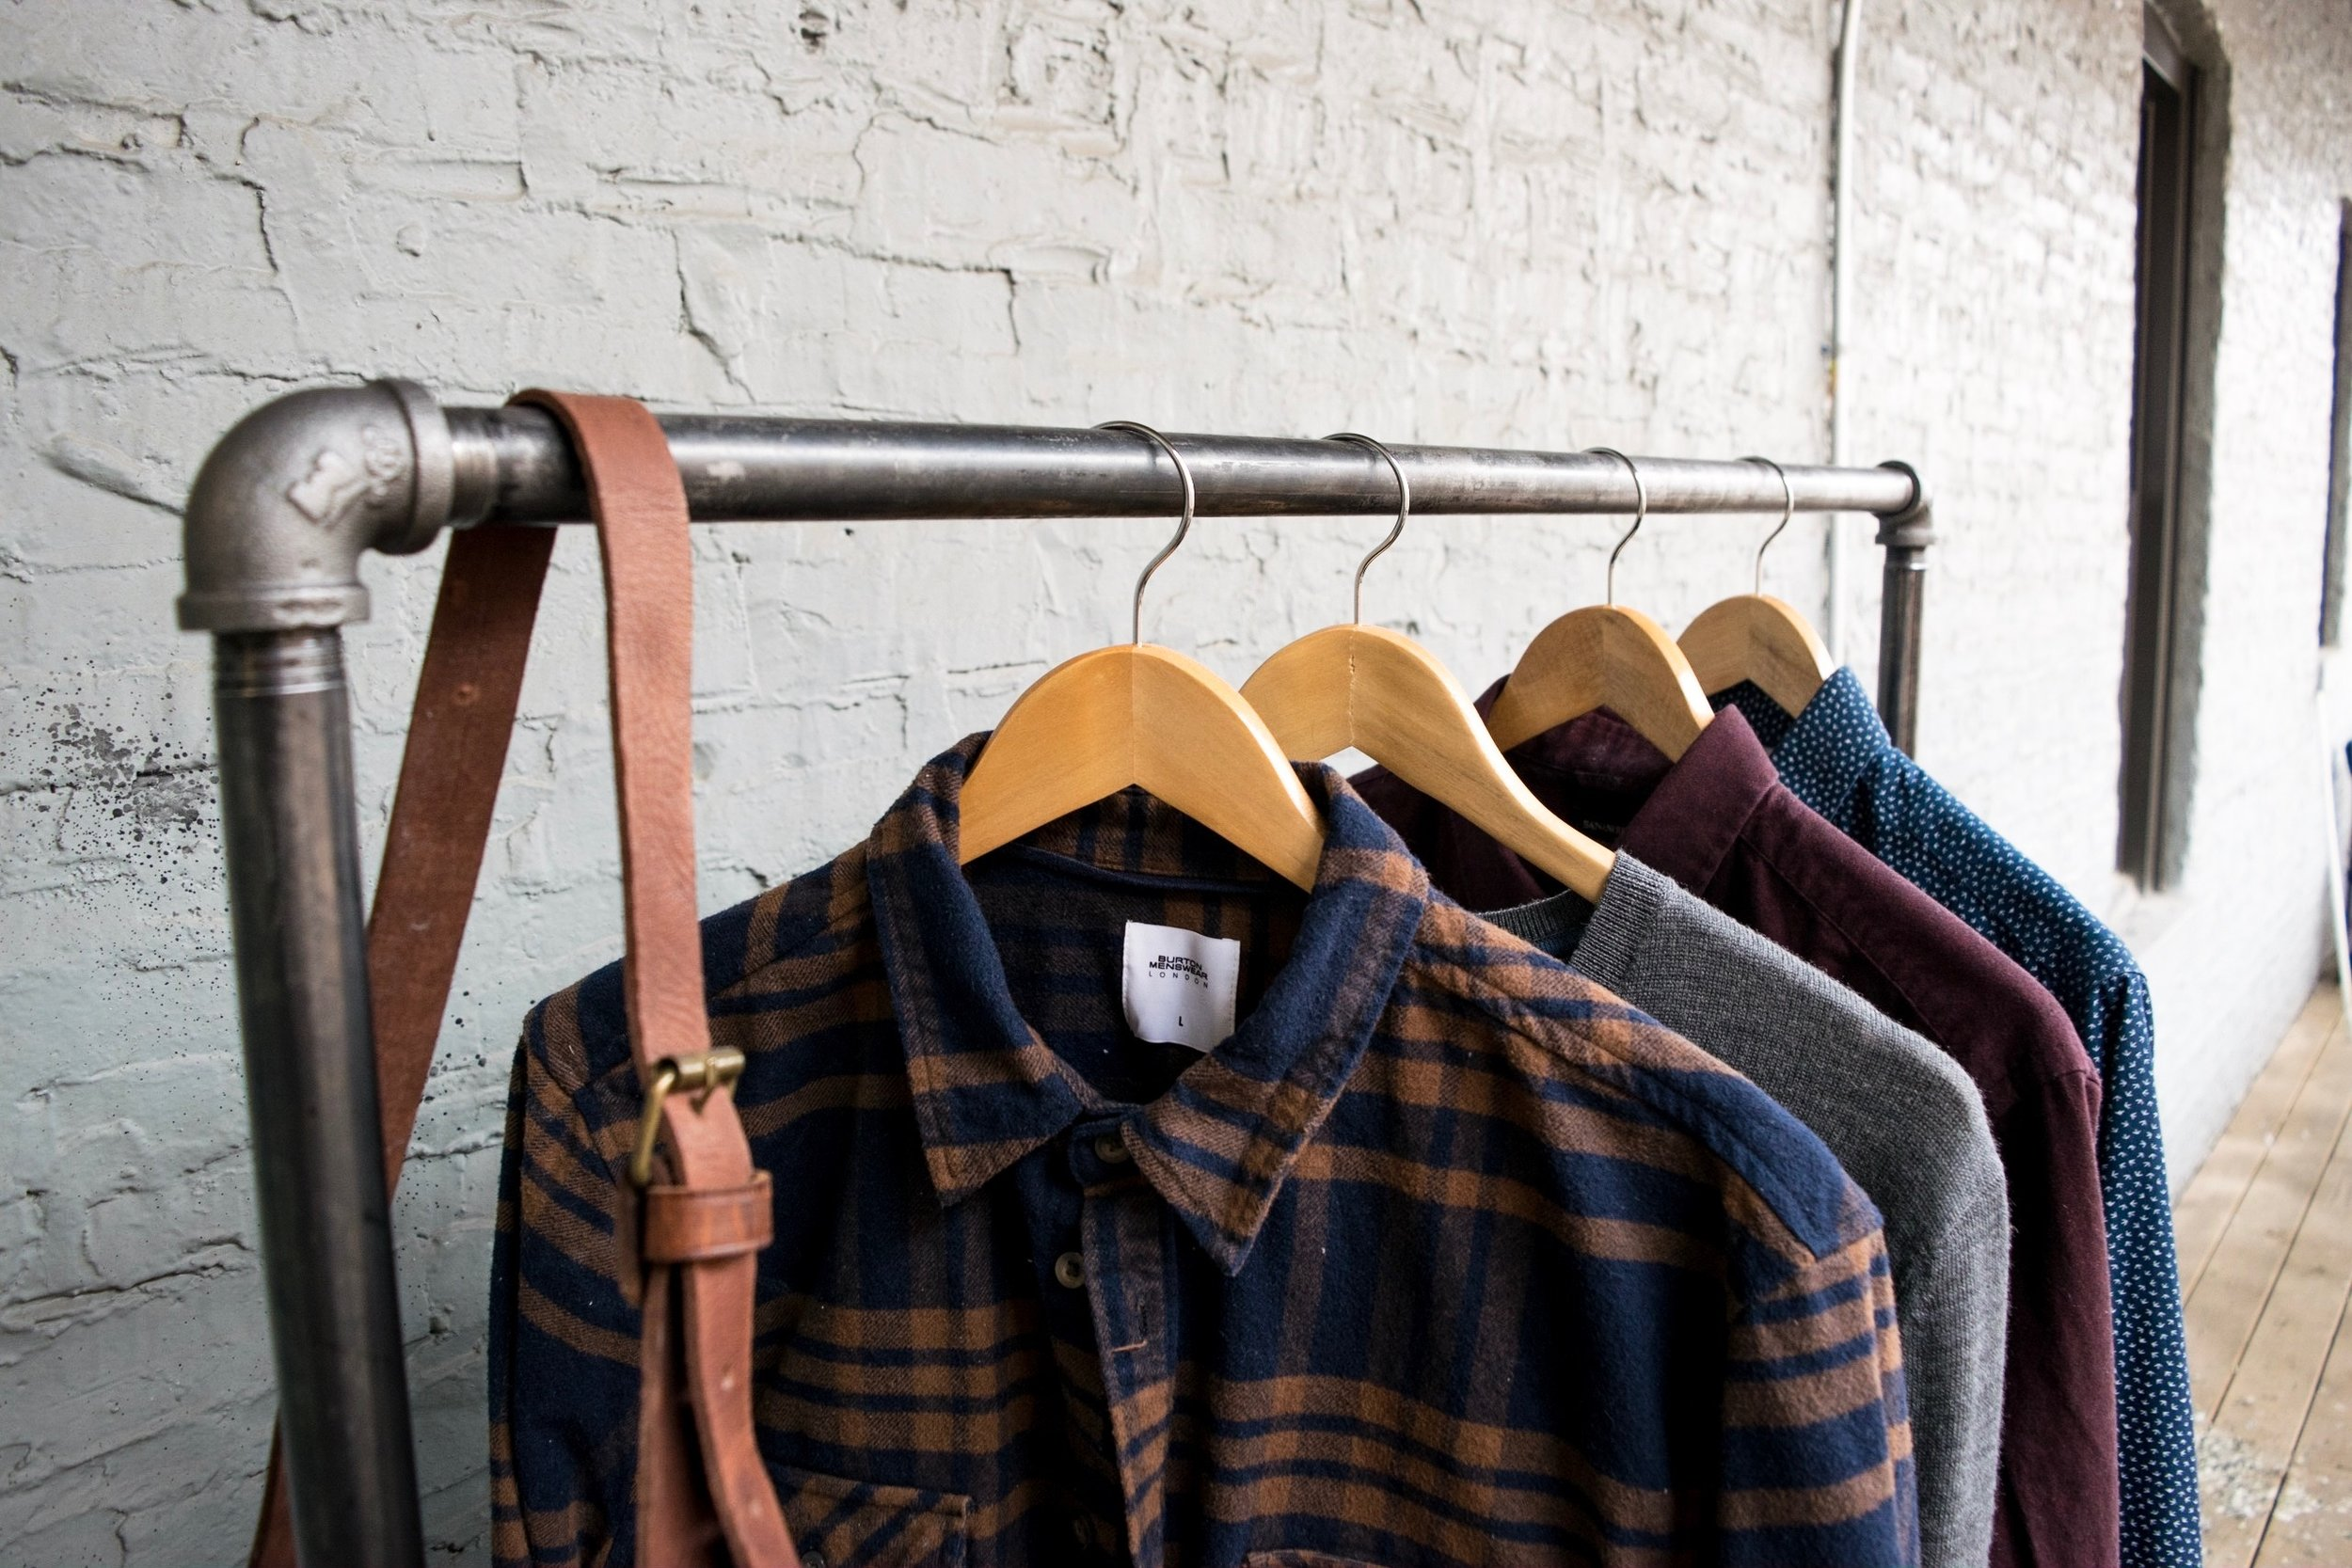 diy-industrial-pipe-clothing-rack